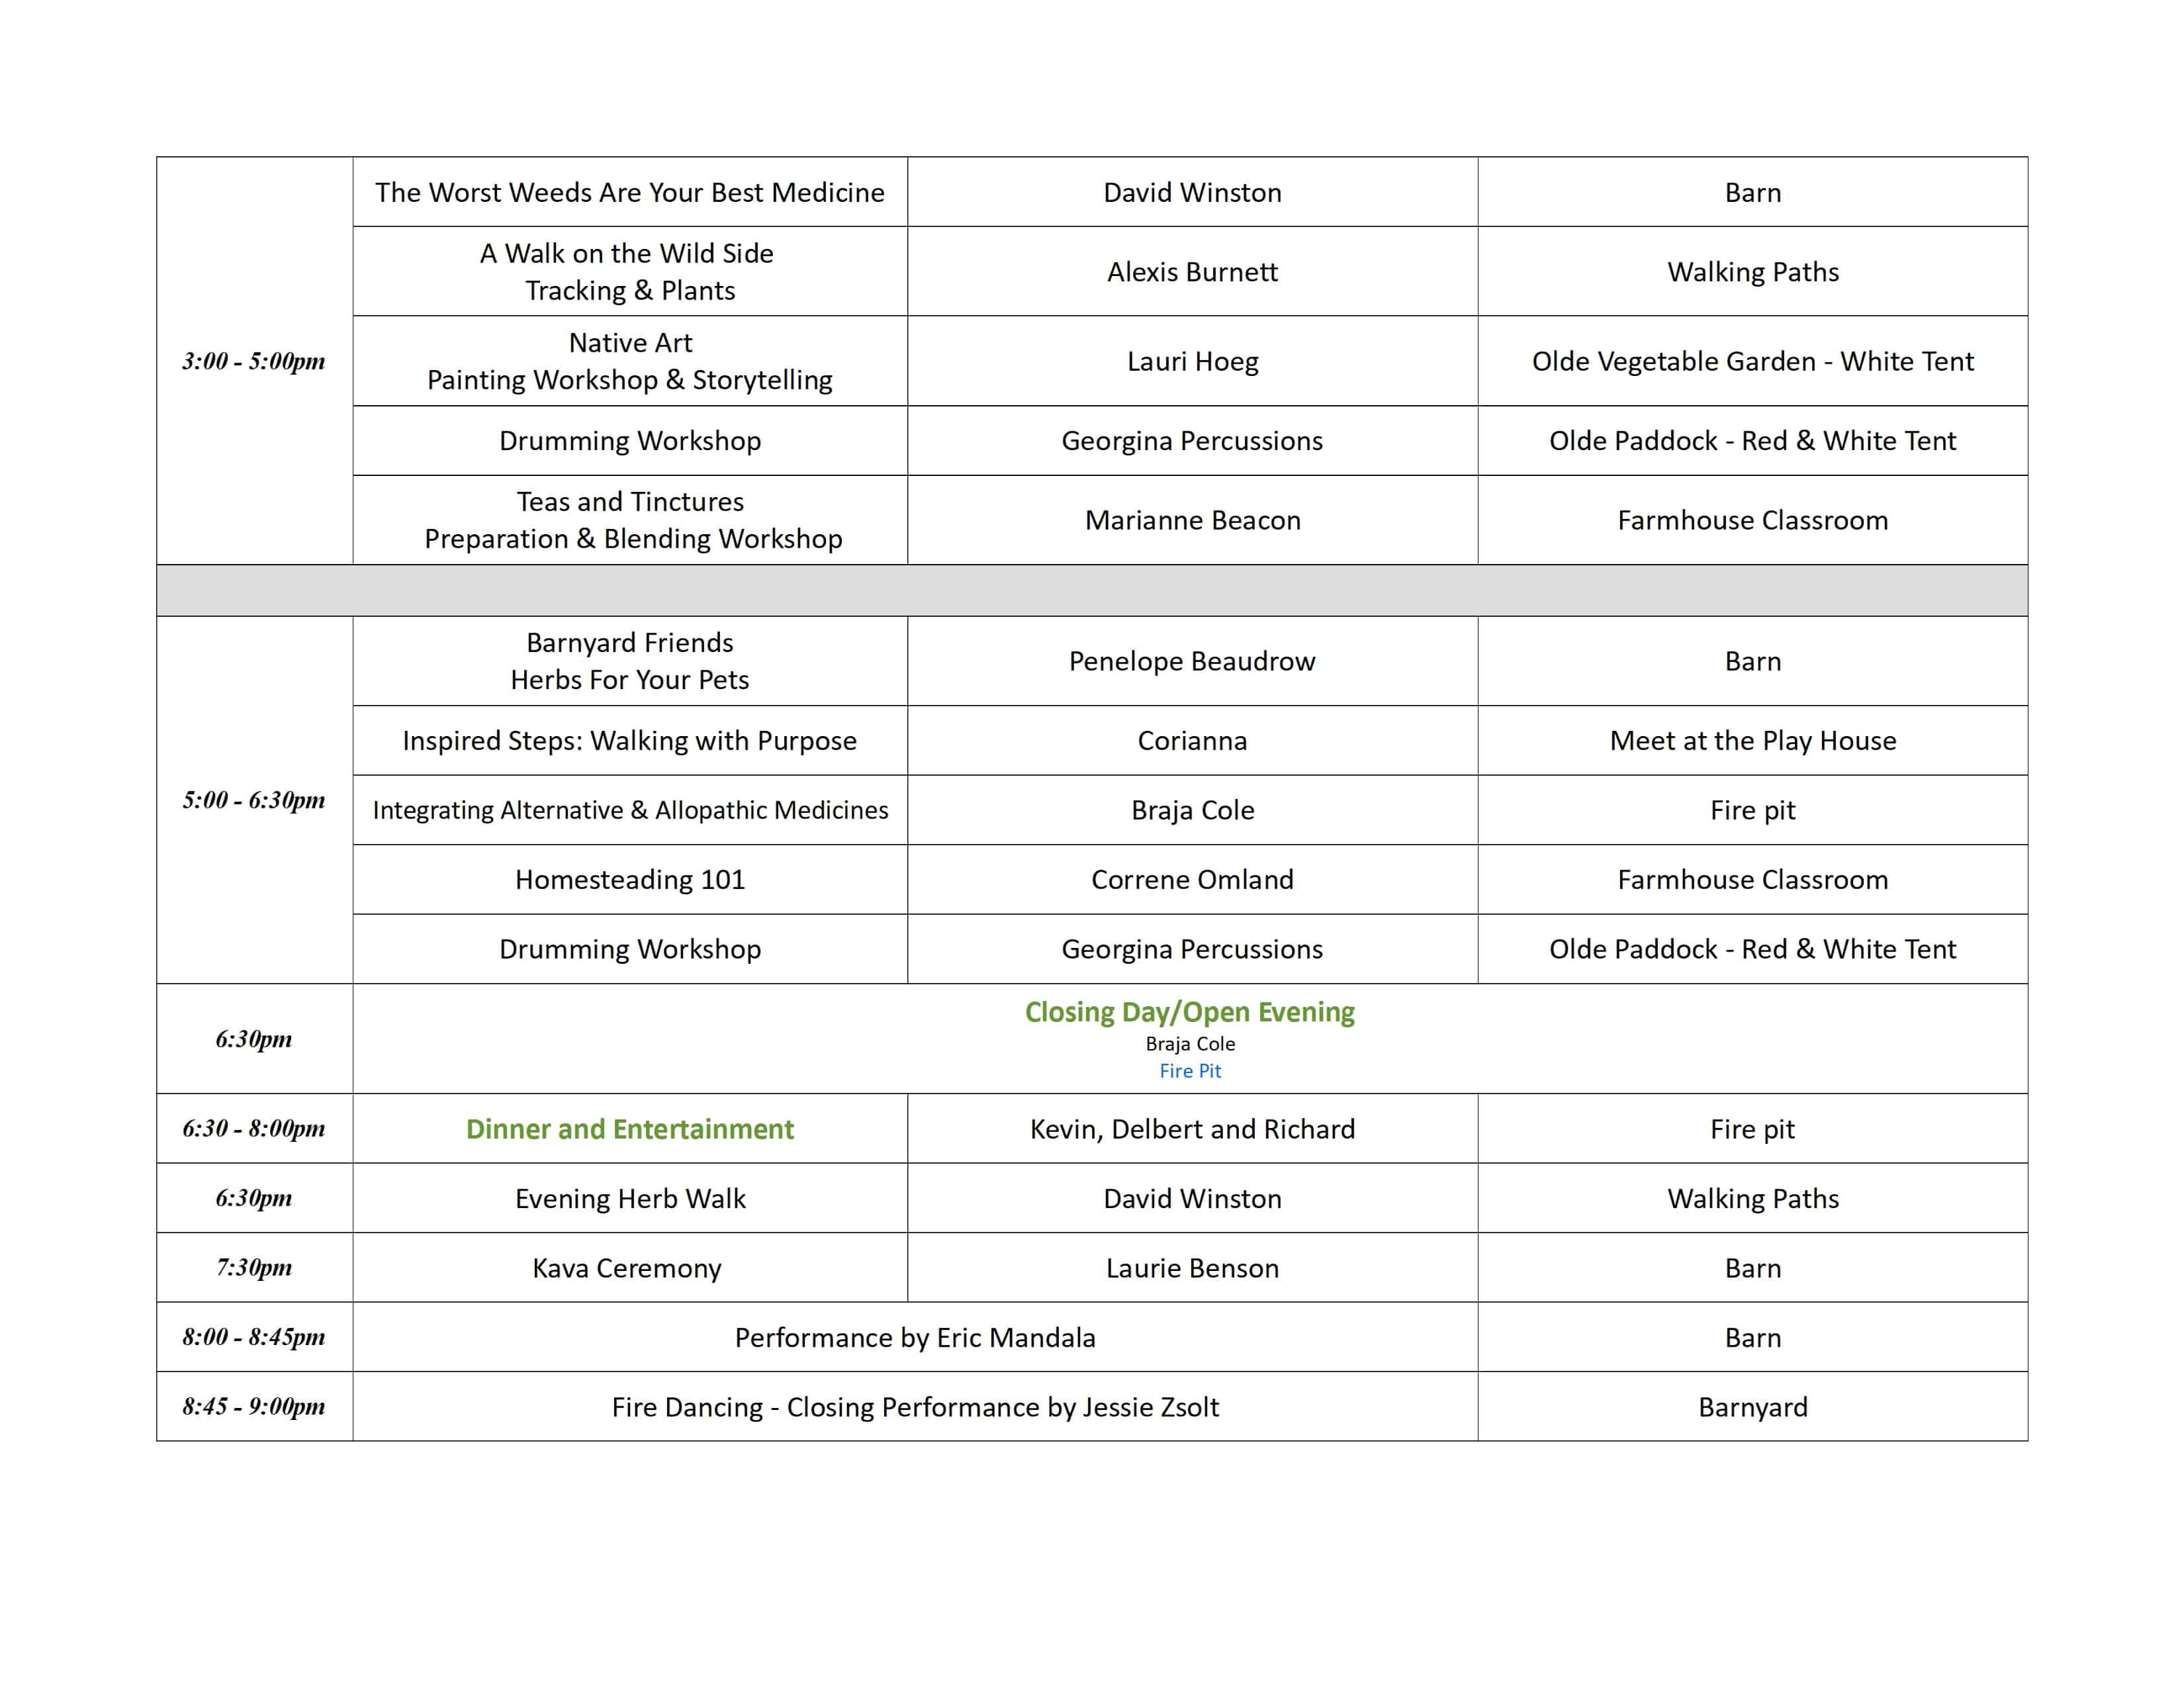 BTYR schedule 2018 august 8th jpg p1